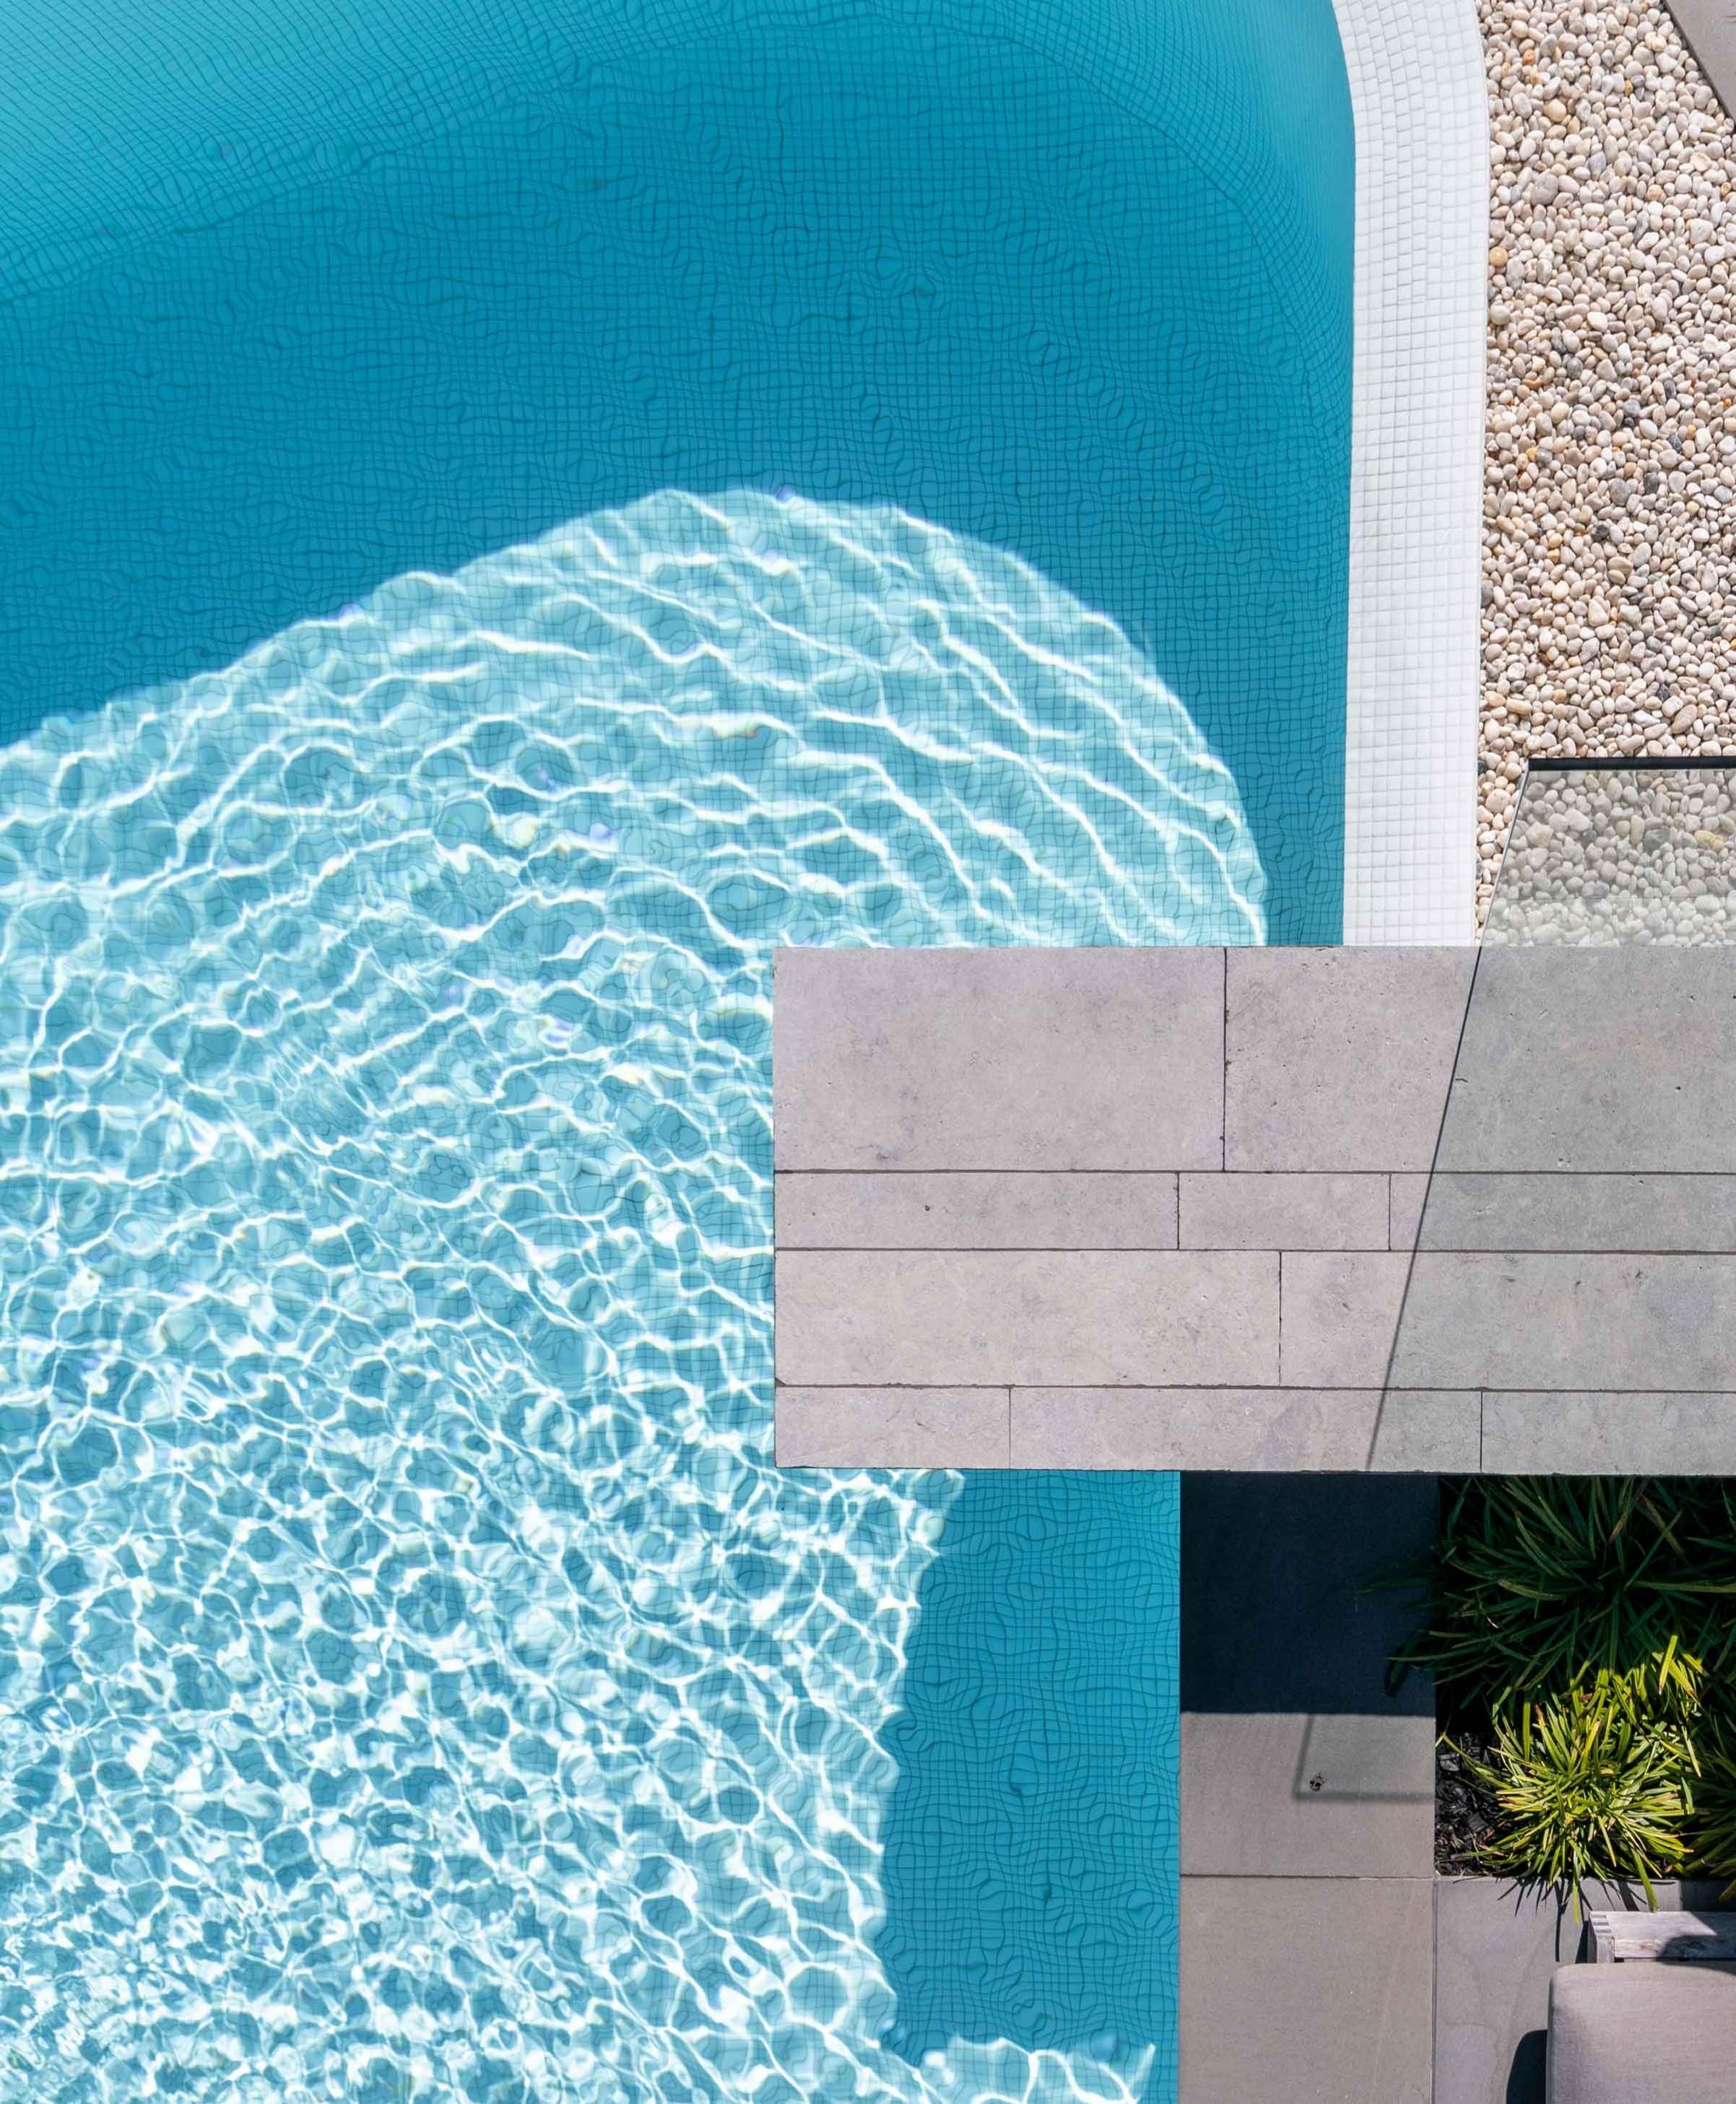 Products-Pool hisbalit-spanish-pool-tiles-unicolour-range-hero